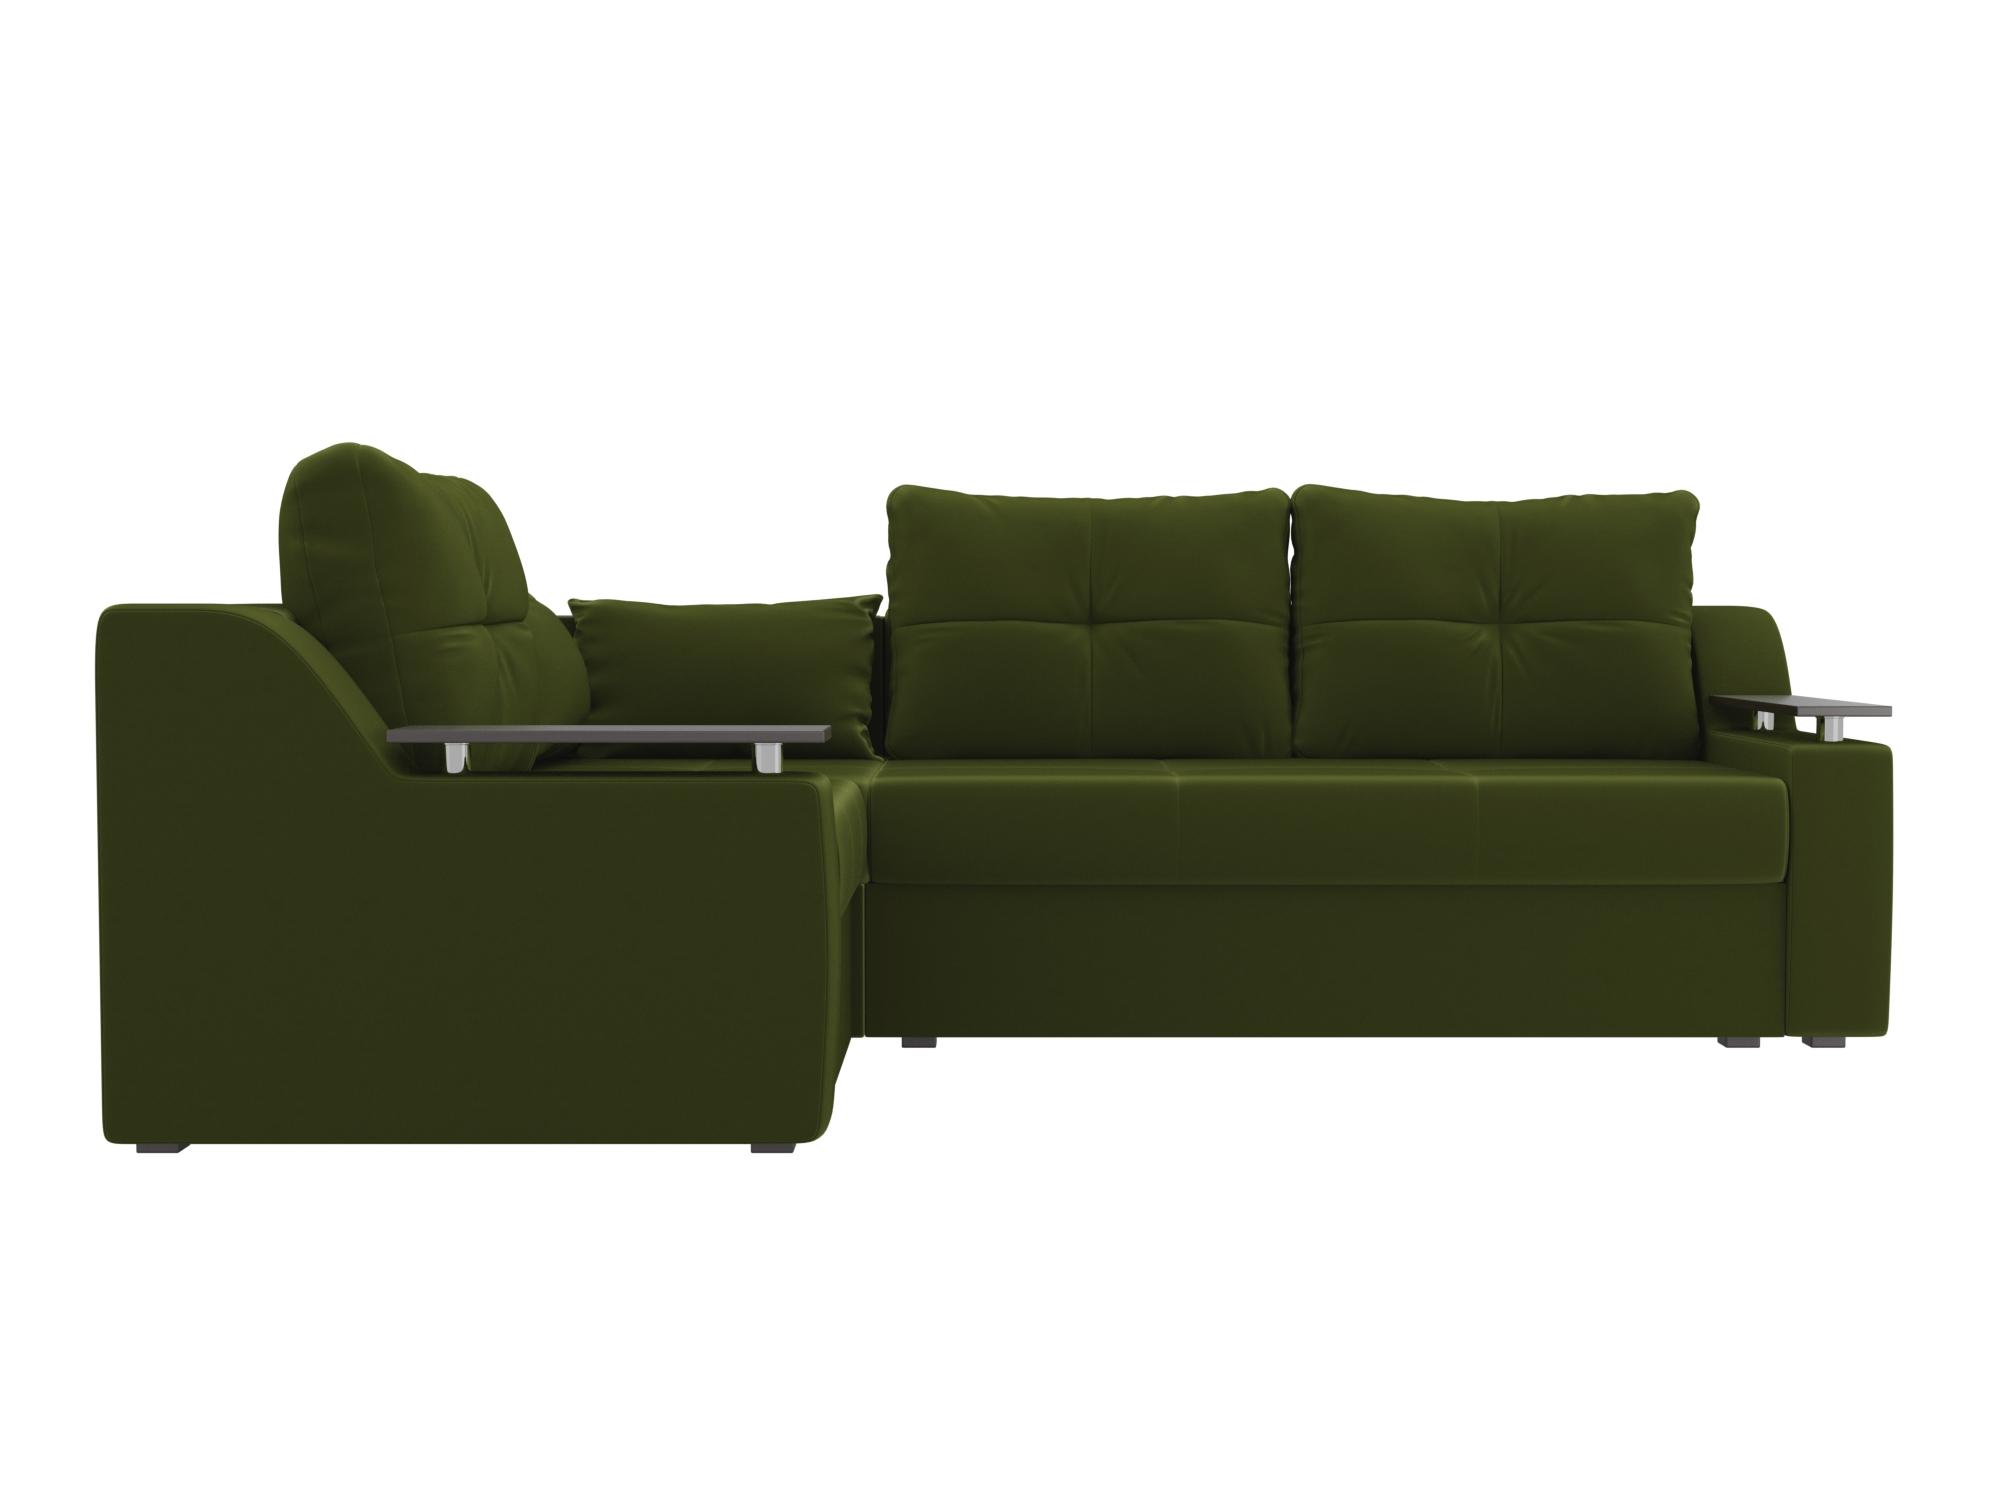 Угловой диван Митчелл Левый MebelVia Зеленый, Микровельвет, ЛДСП Зеленый